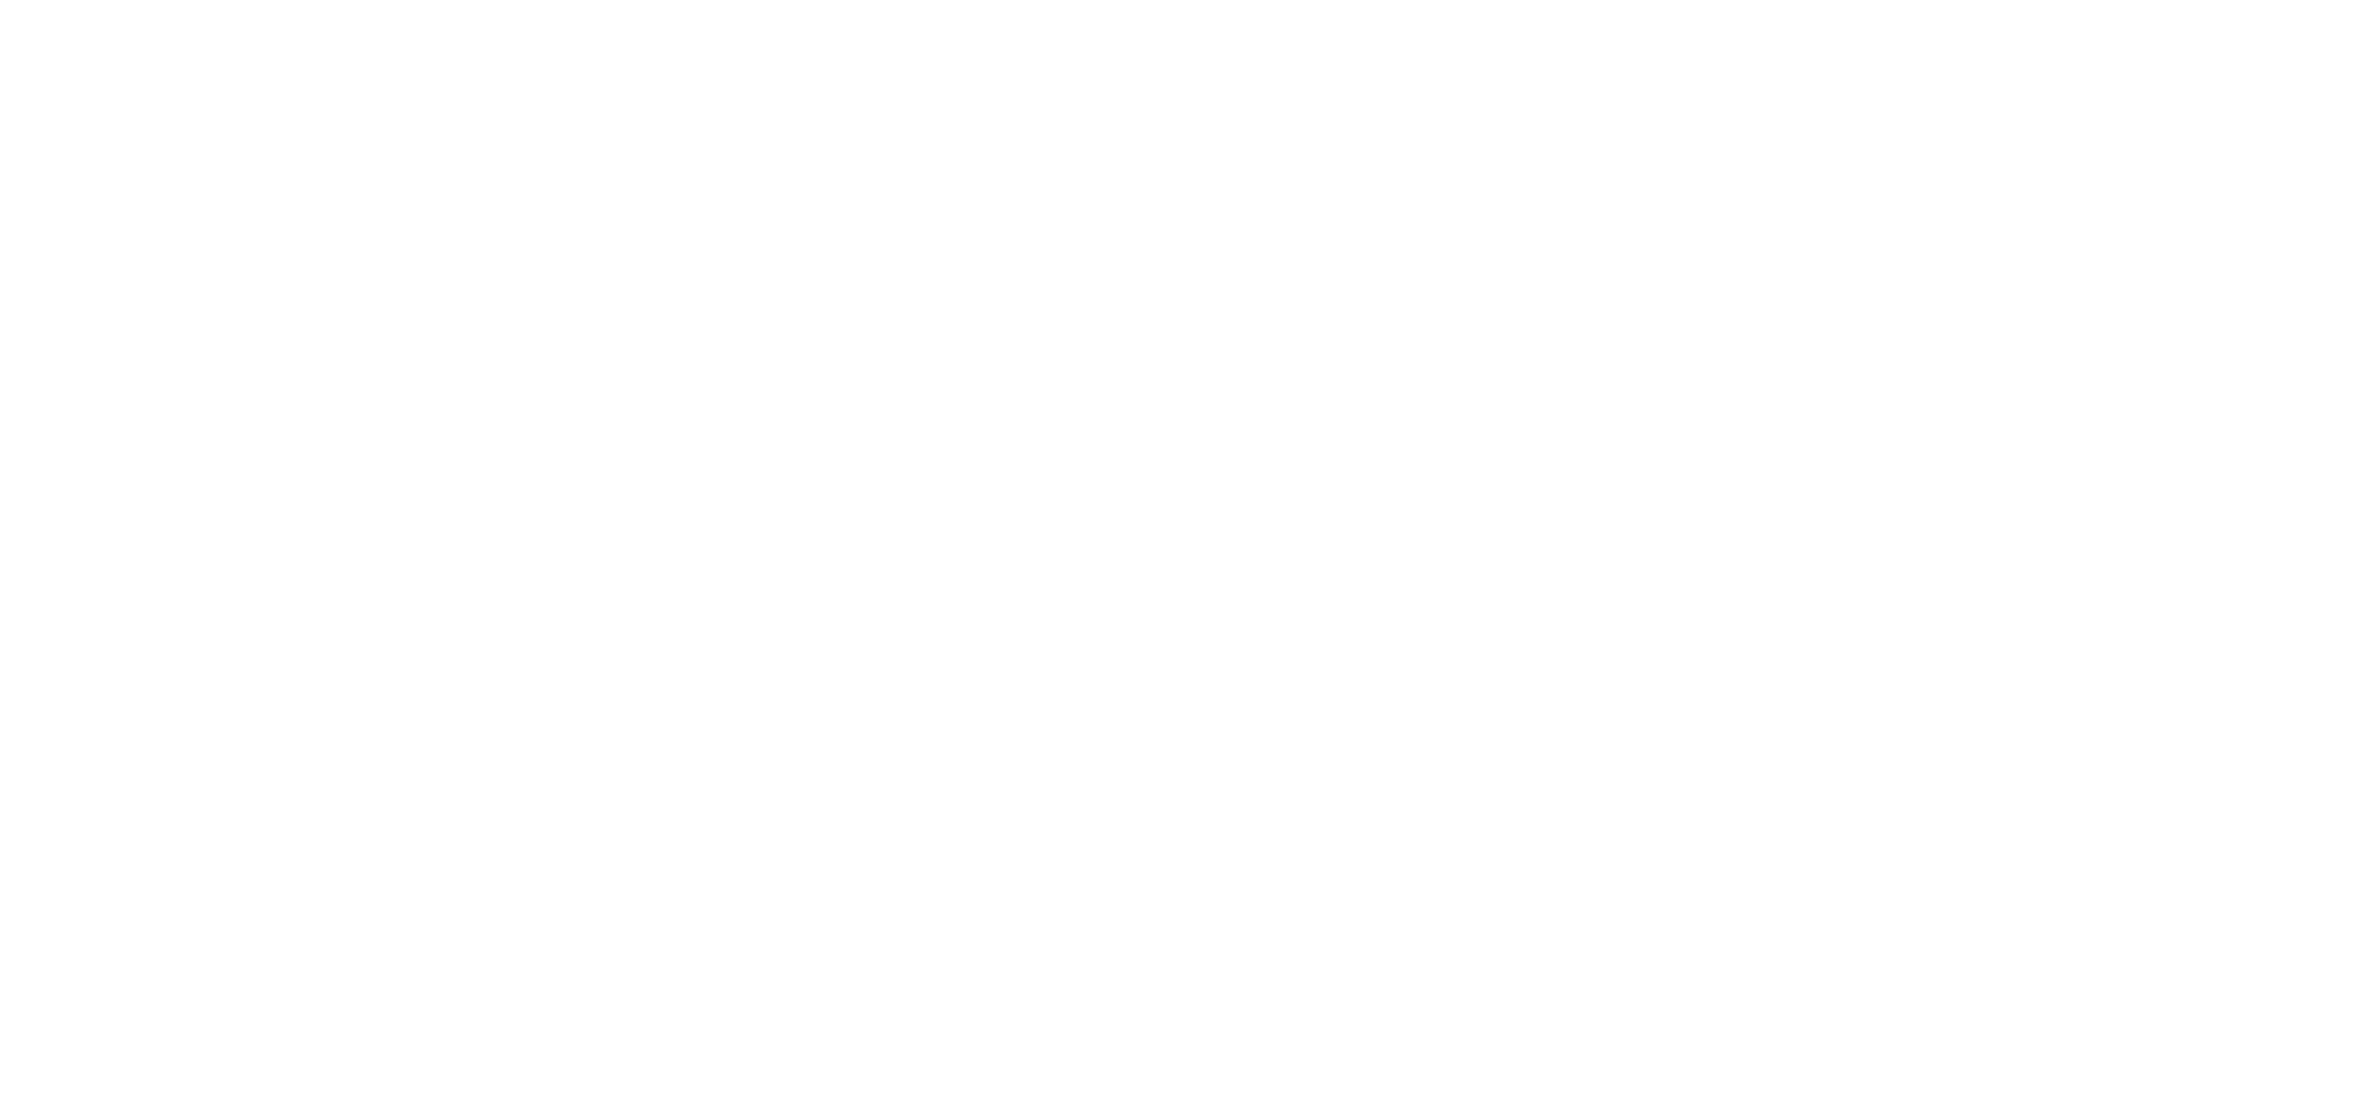 Dyna Desk